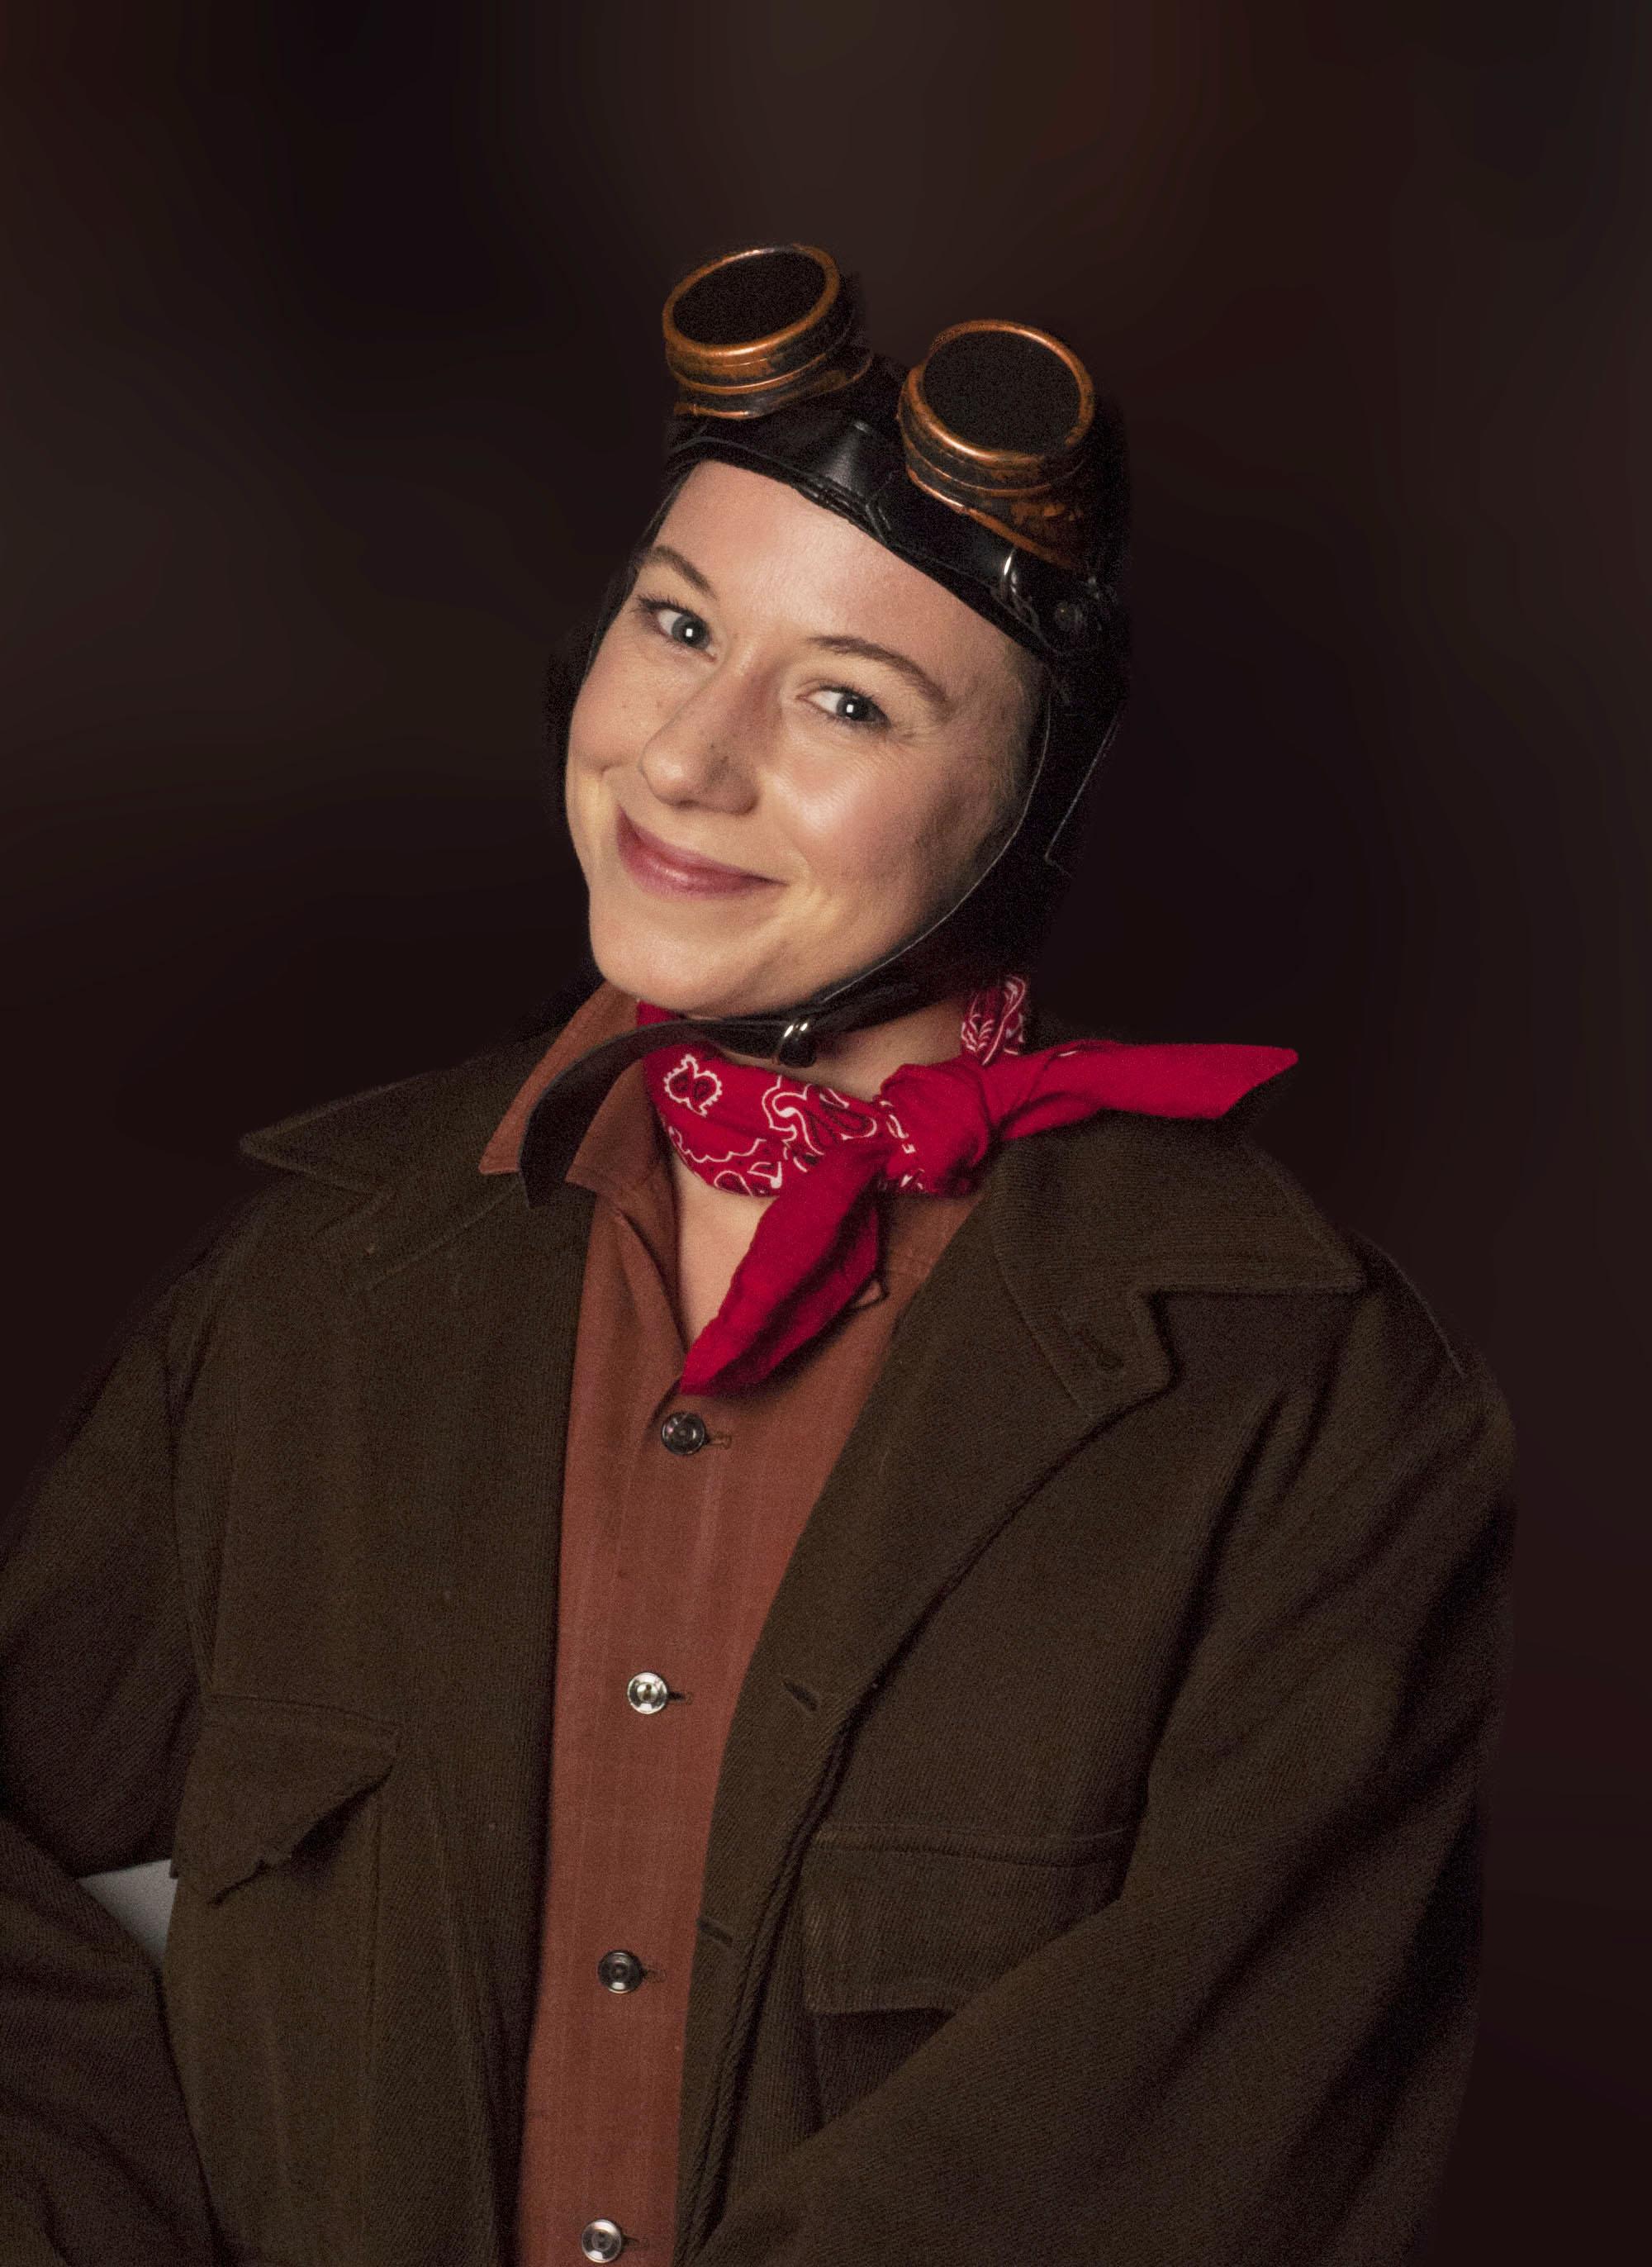 Woman in Aviatrix Outfit 2.jpg